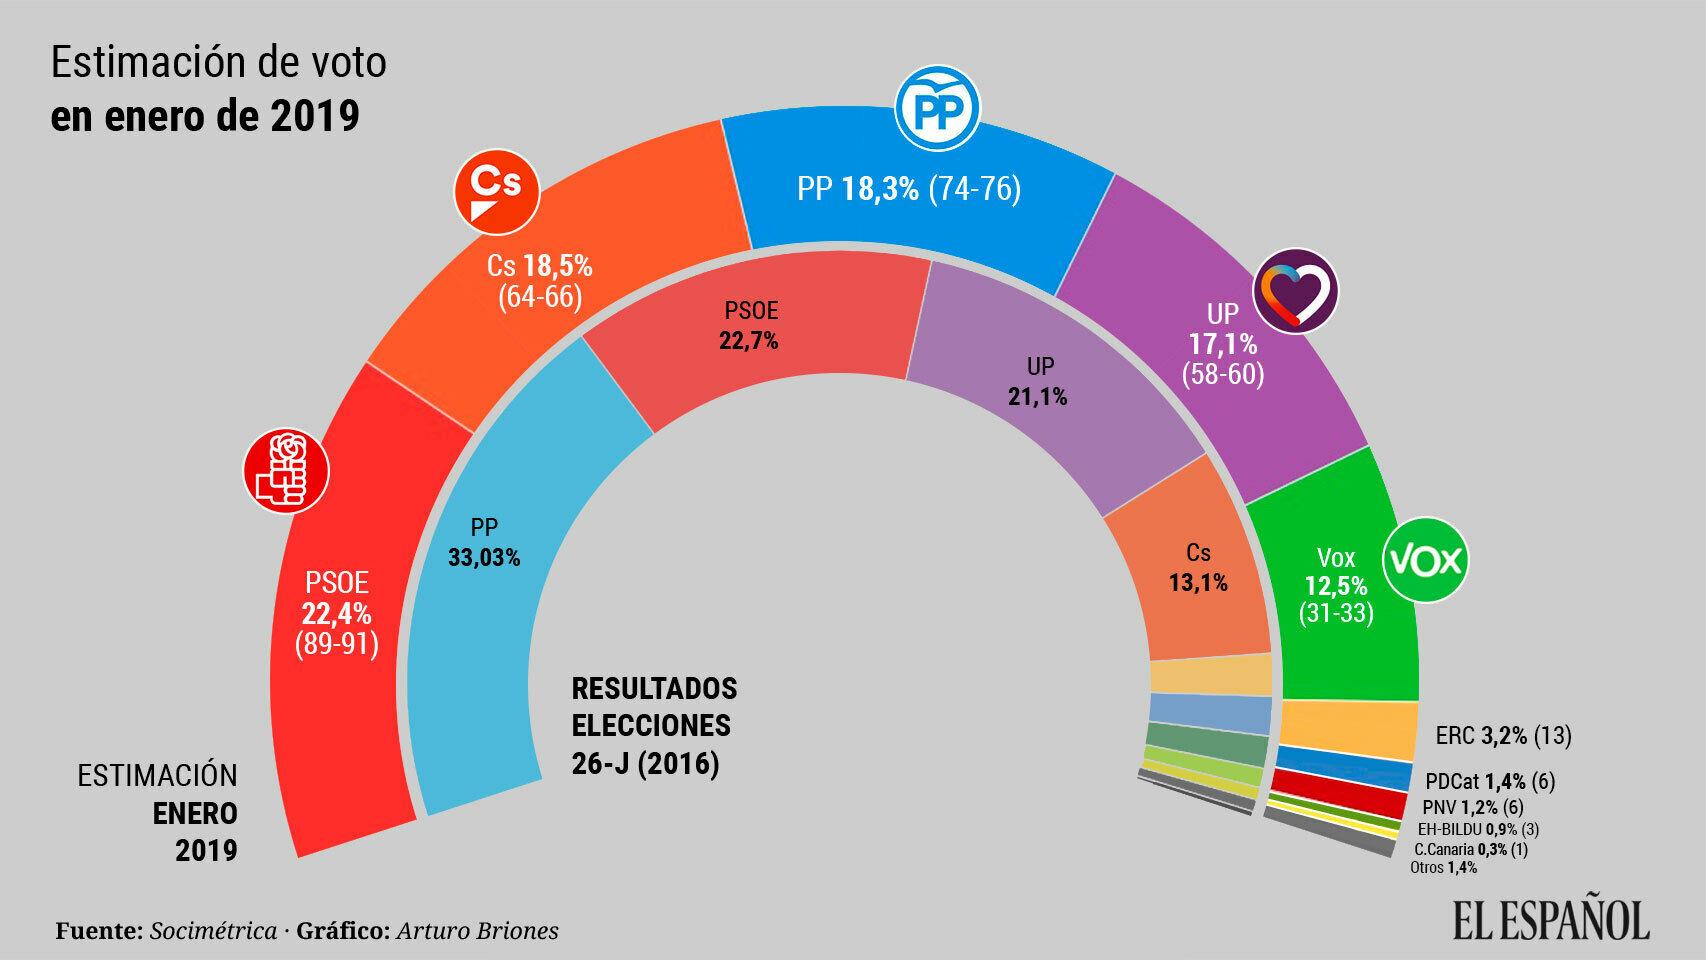 Estimación de voto España y escaños a elecciones generales en Enero de 2019